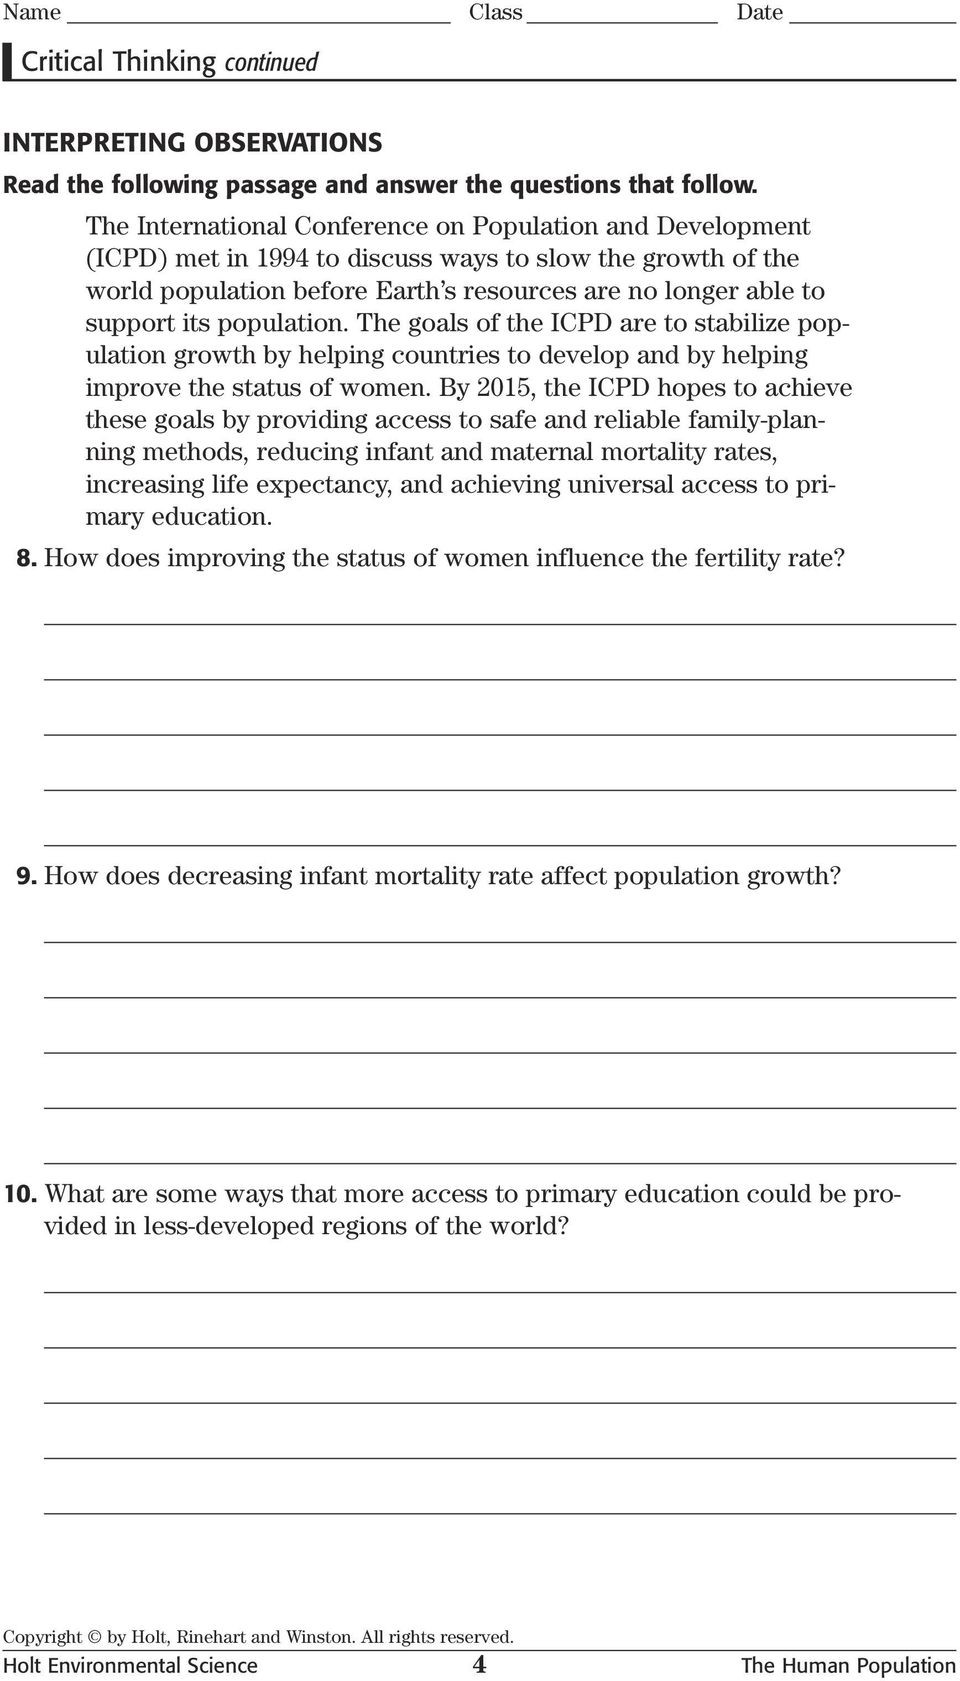 Human Population Growth Worksheet Critical Thinking Analogies Skills Worksheet Pdf Free